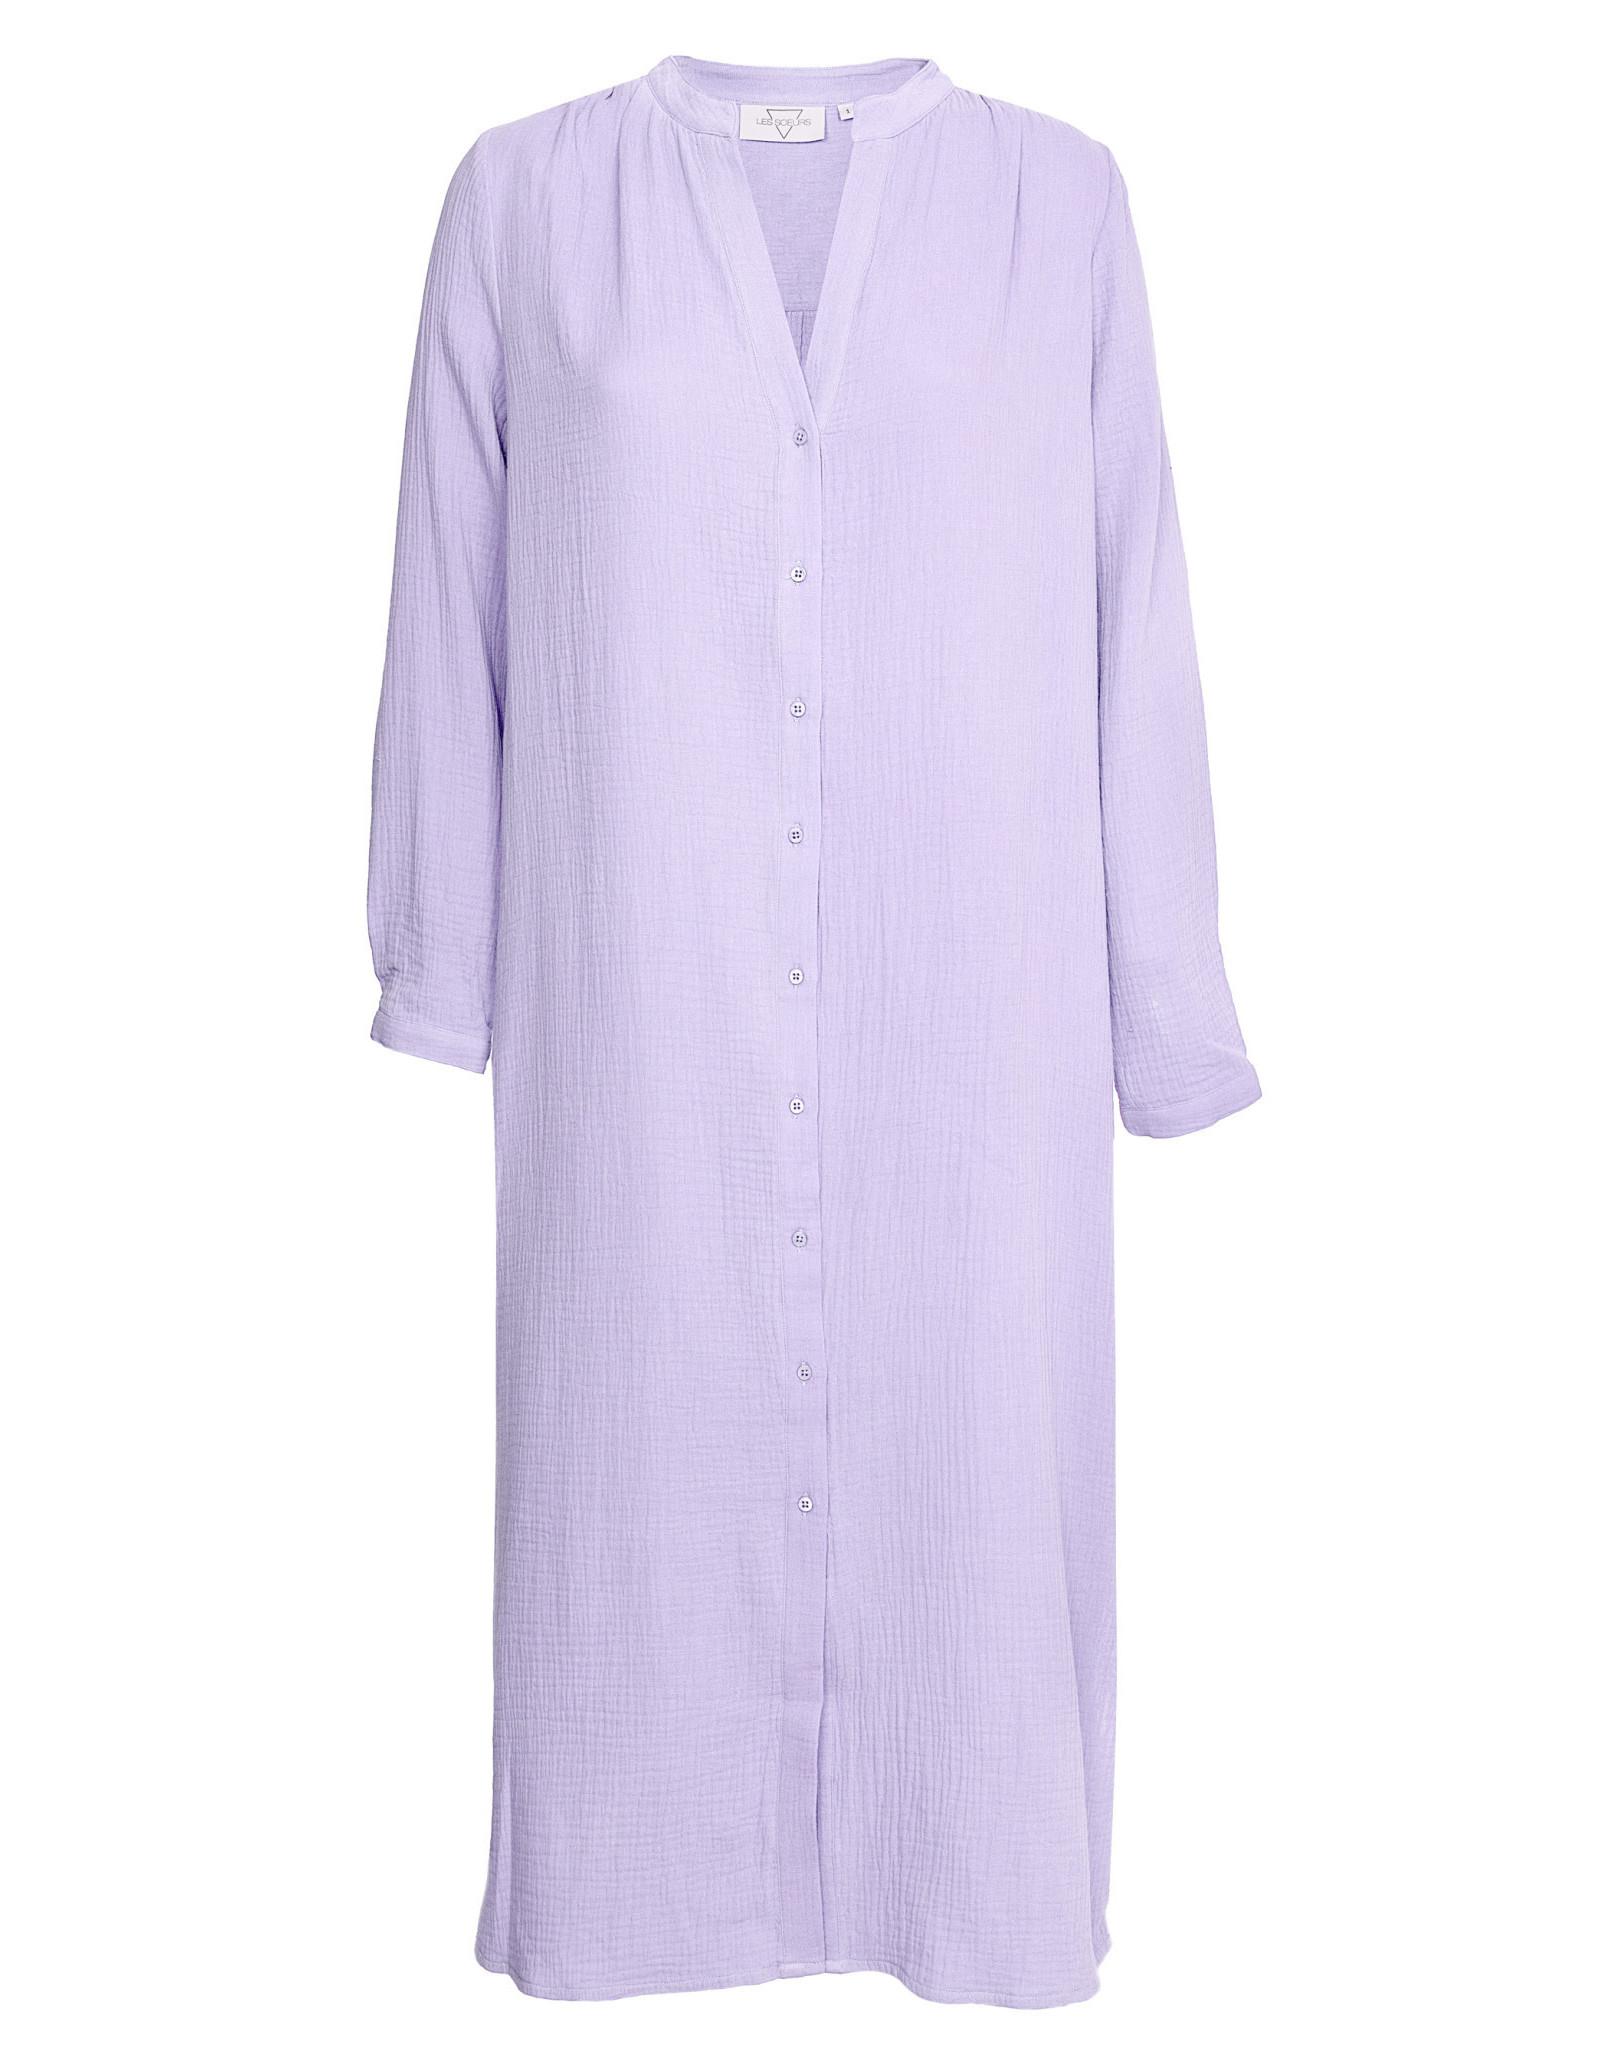 LES SOEURS DRESS BOAS LILA